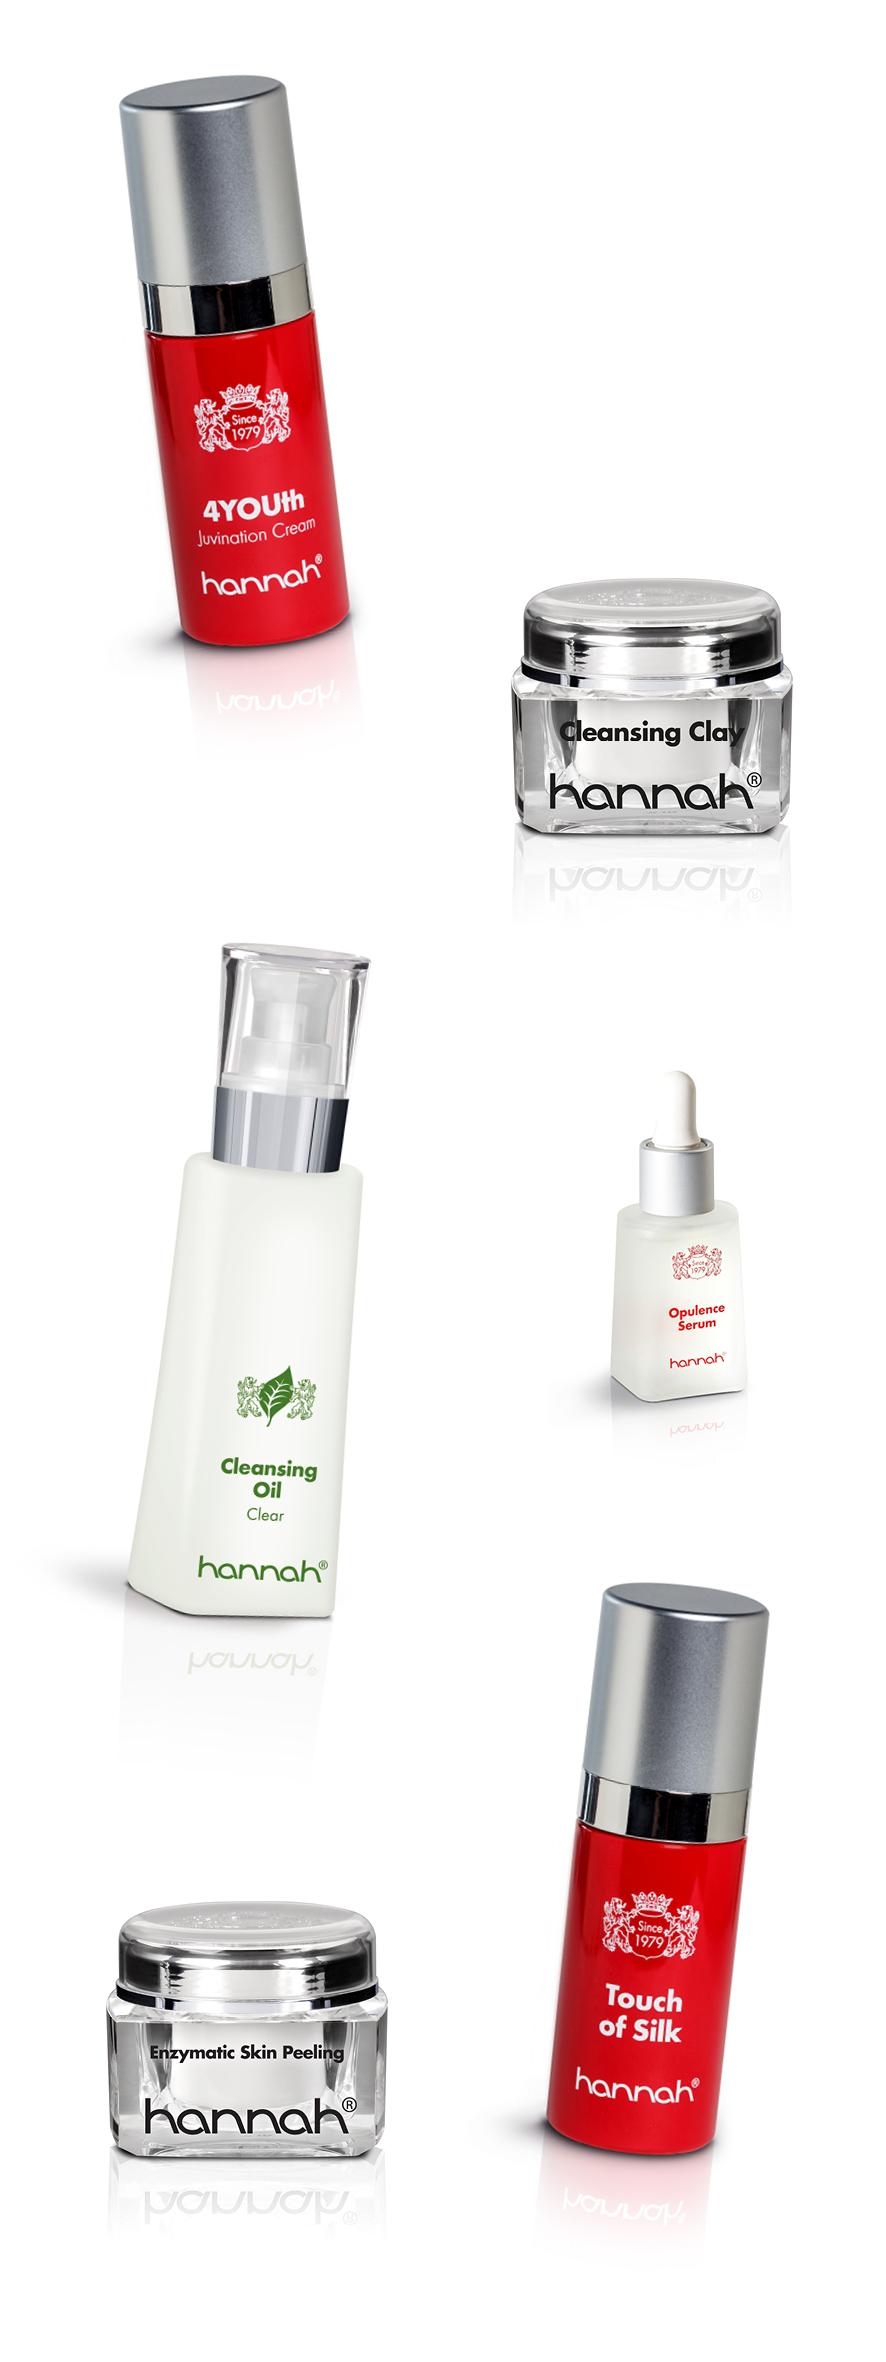 hannah-producten-beautycentrum-annou-huidverbeterende-gezichtsbehandeling-hannah-huidcoach-beautycentrum-wijk-bij-duurstede